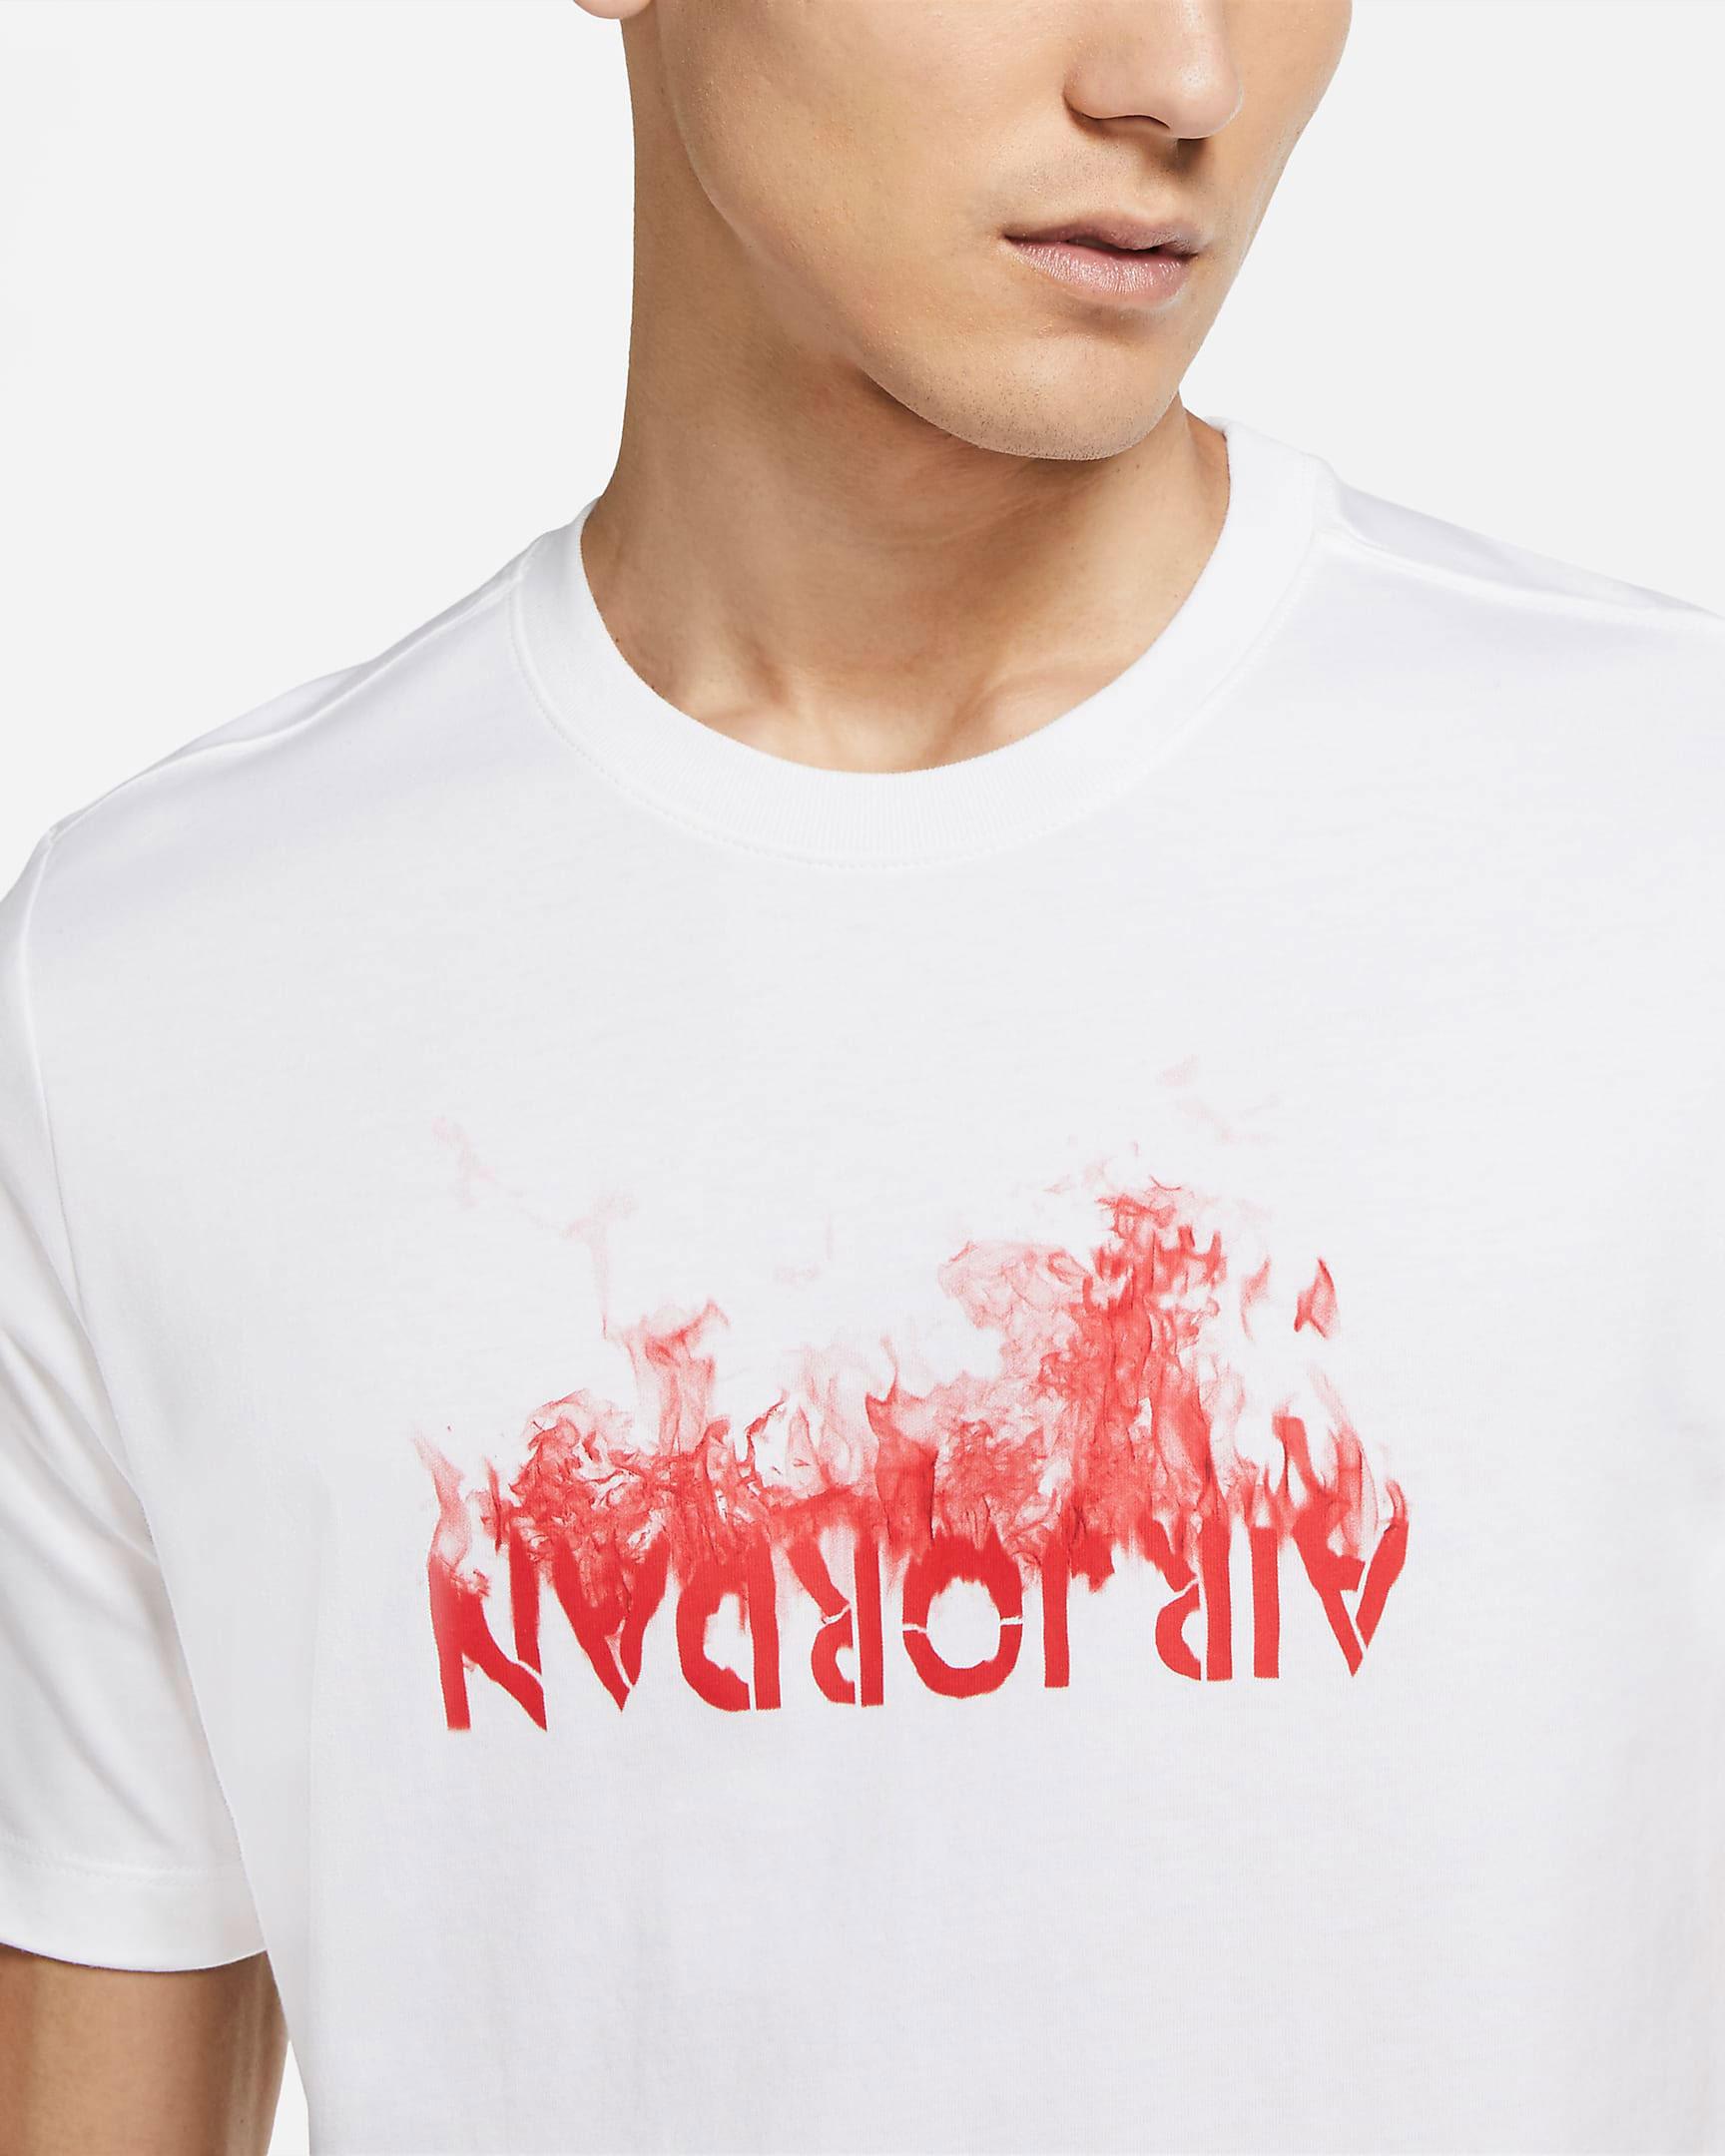 air-jordan-4-fire-red-2020-shirt-3